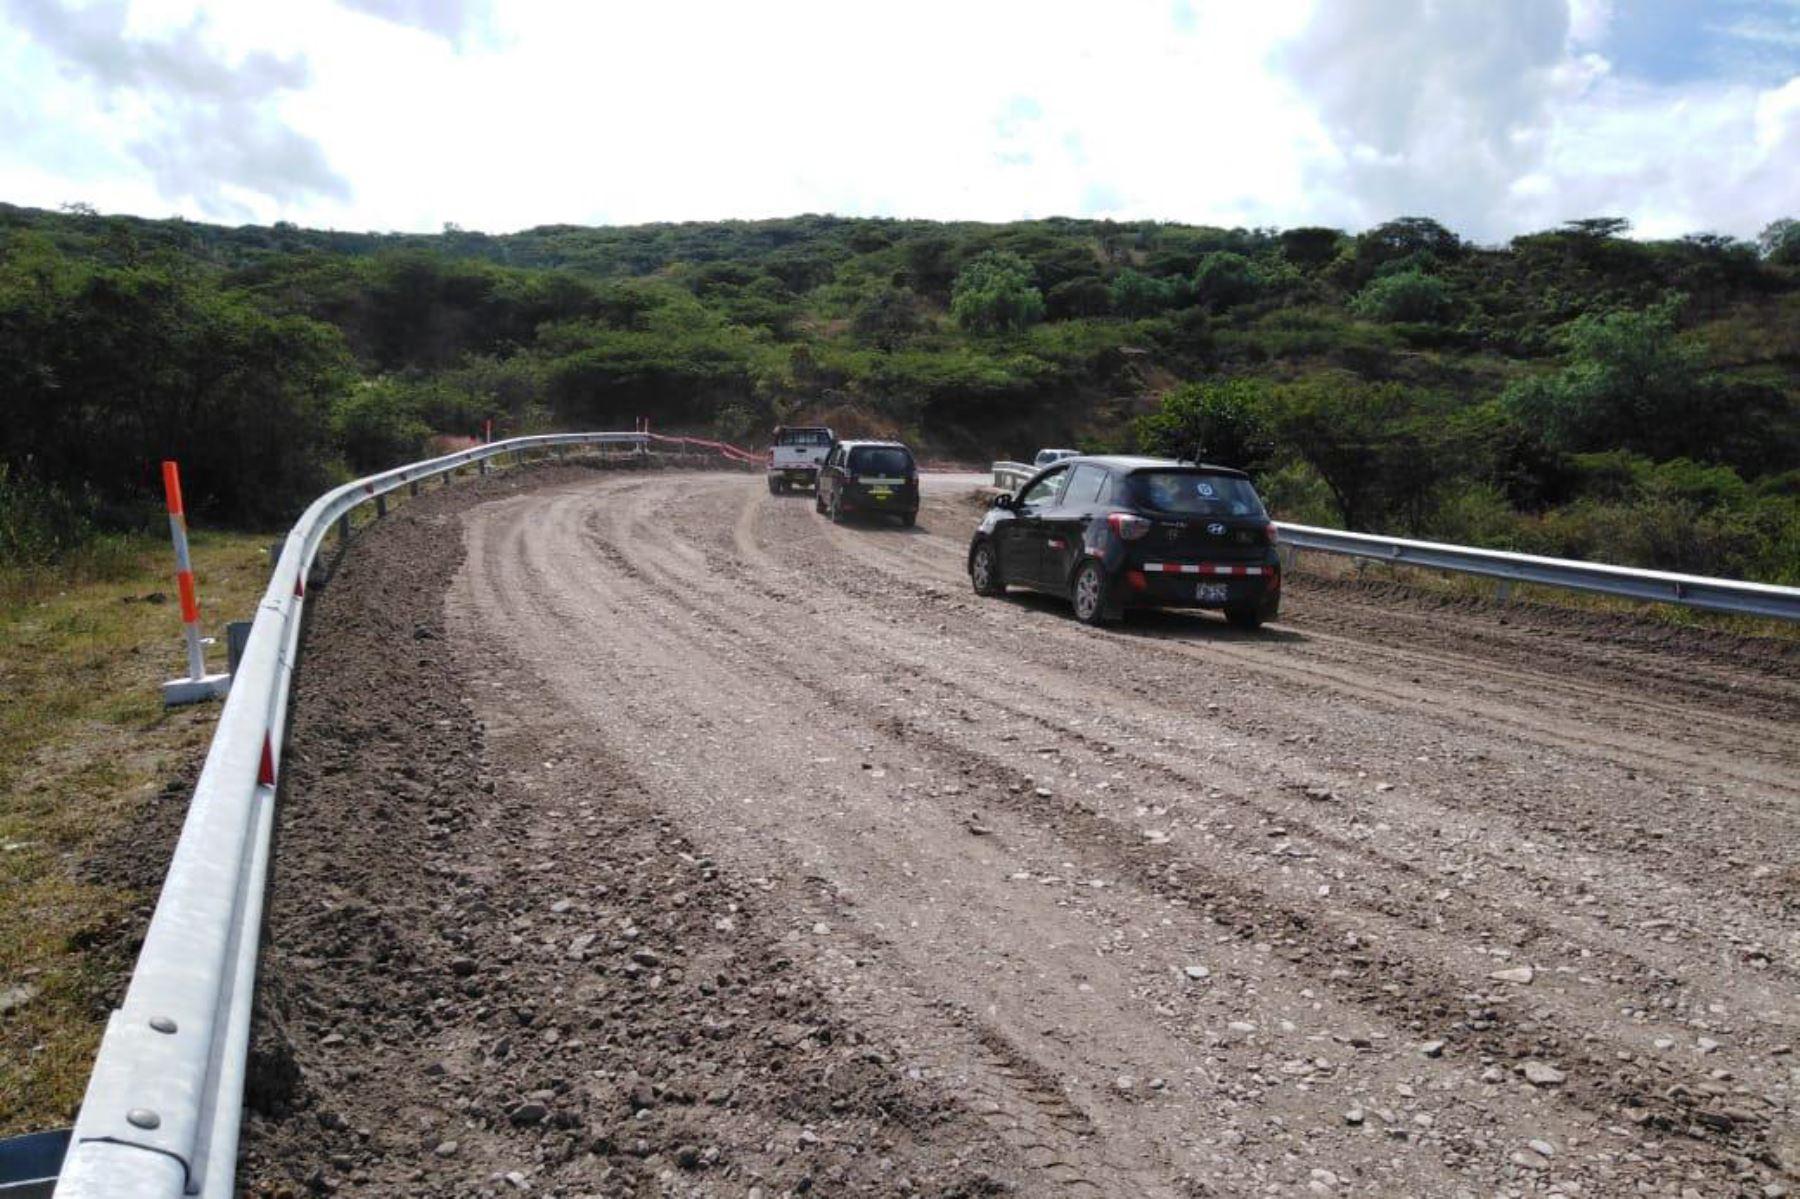 Concesionaria recupera la transitabilidad en la carretera Cajamarca-Cajabamba afectada por el fuerte sismo de magnitud 8.0 registrado en Loreto. Foto: Difusión